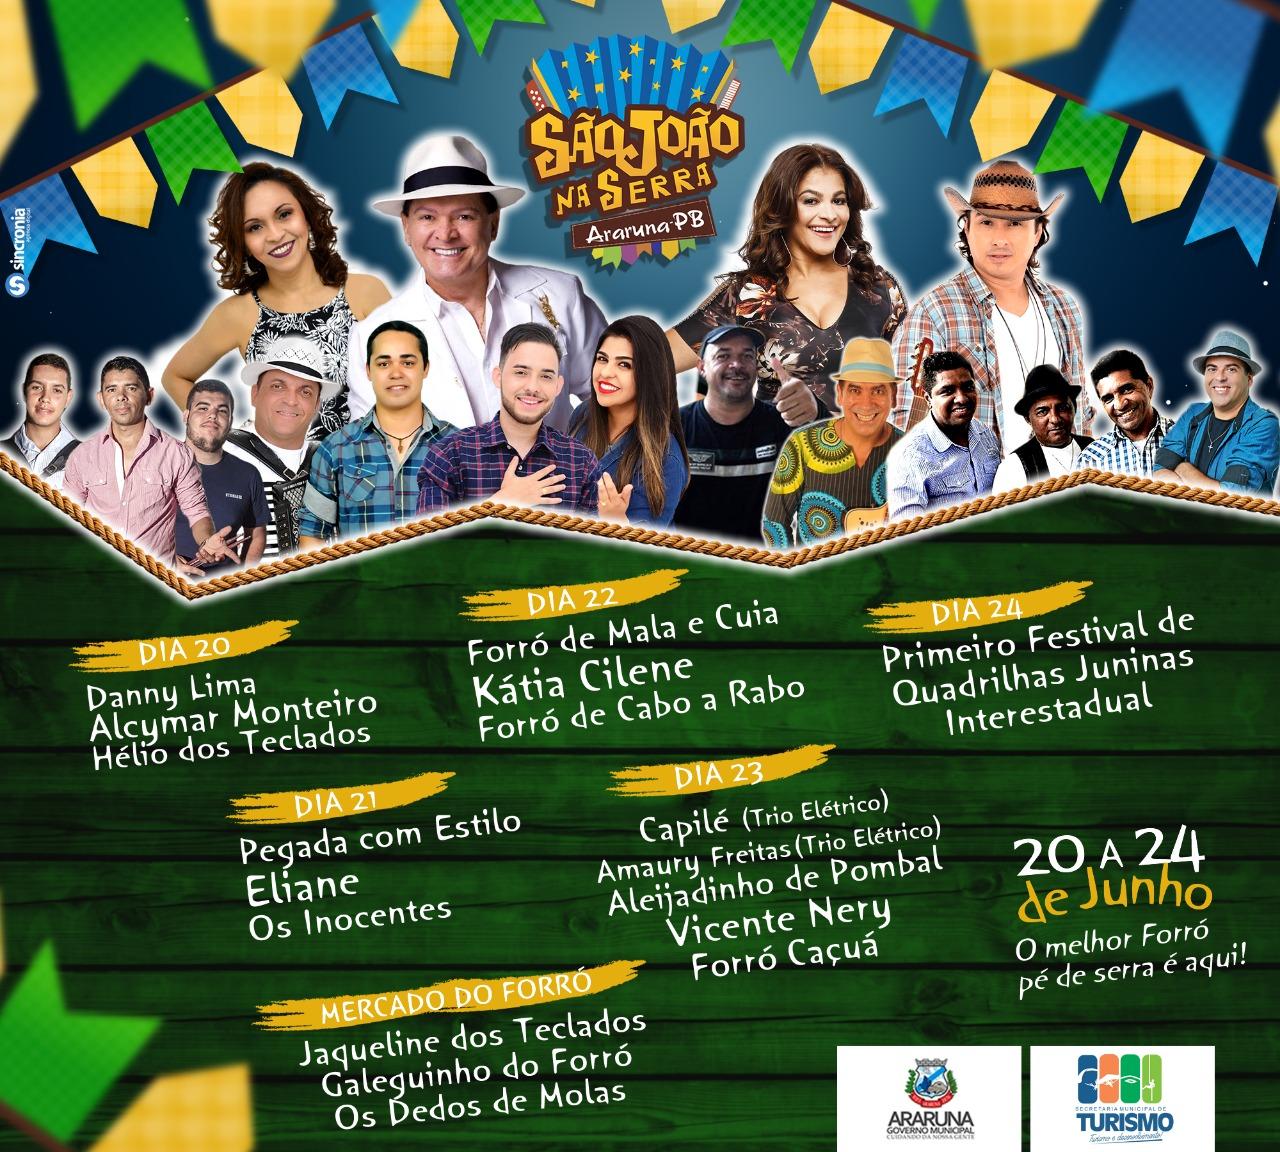 São João em Araruna terá shows com Alcymar Monteiro, Eliane, Vicente Nery, Katia Cilene e outros